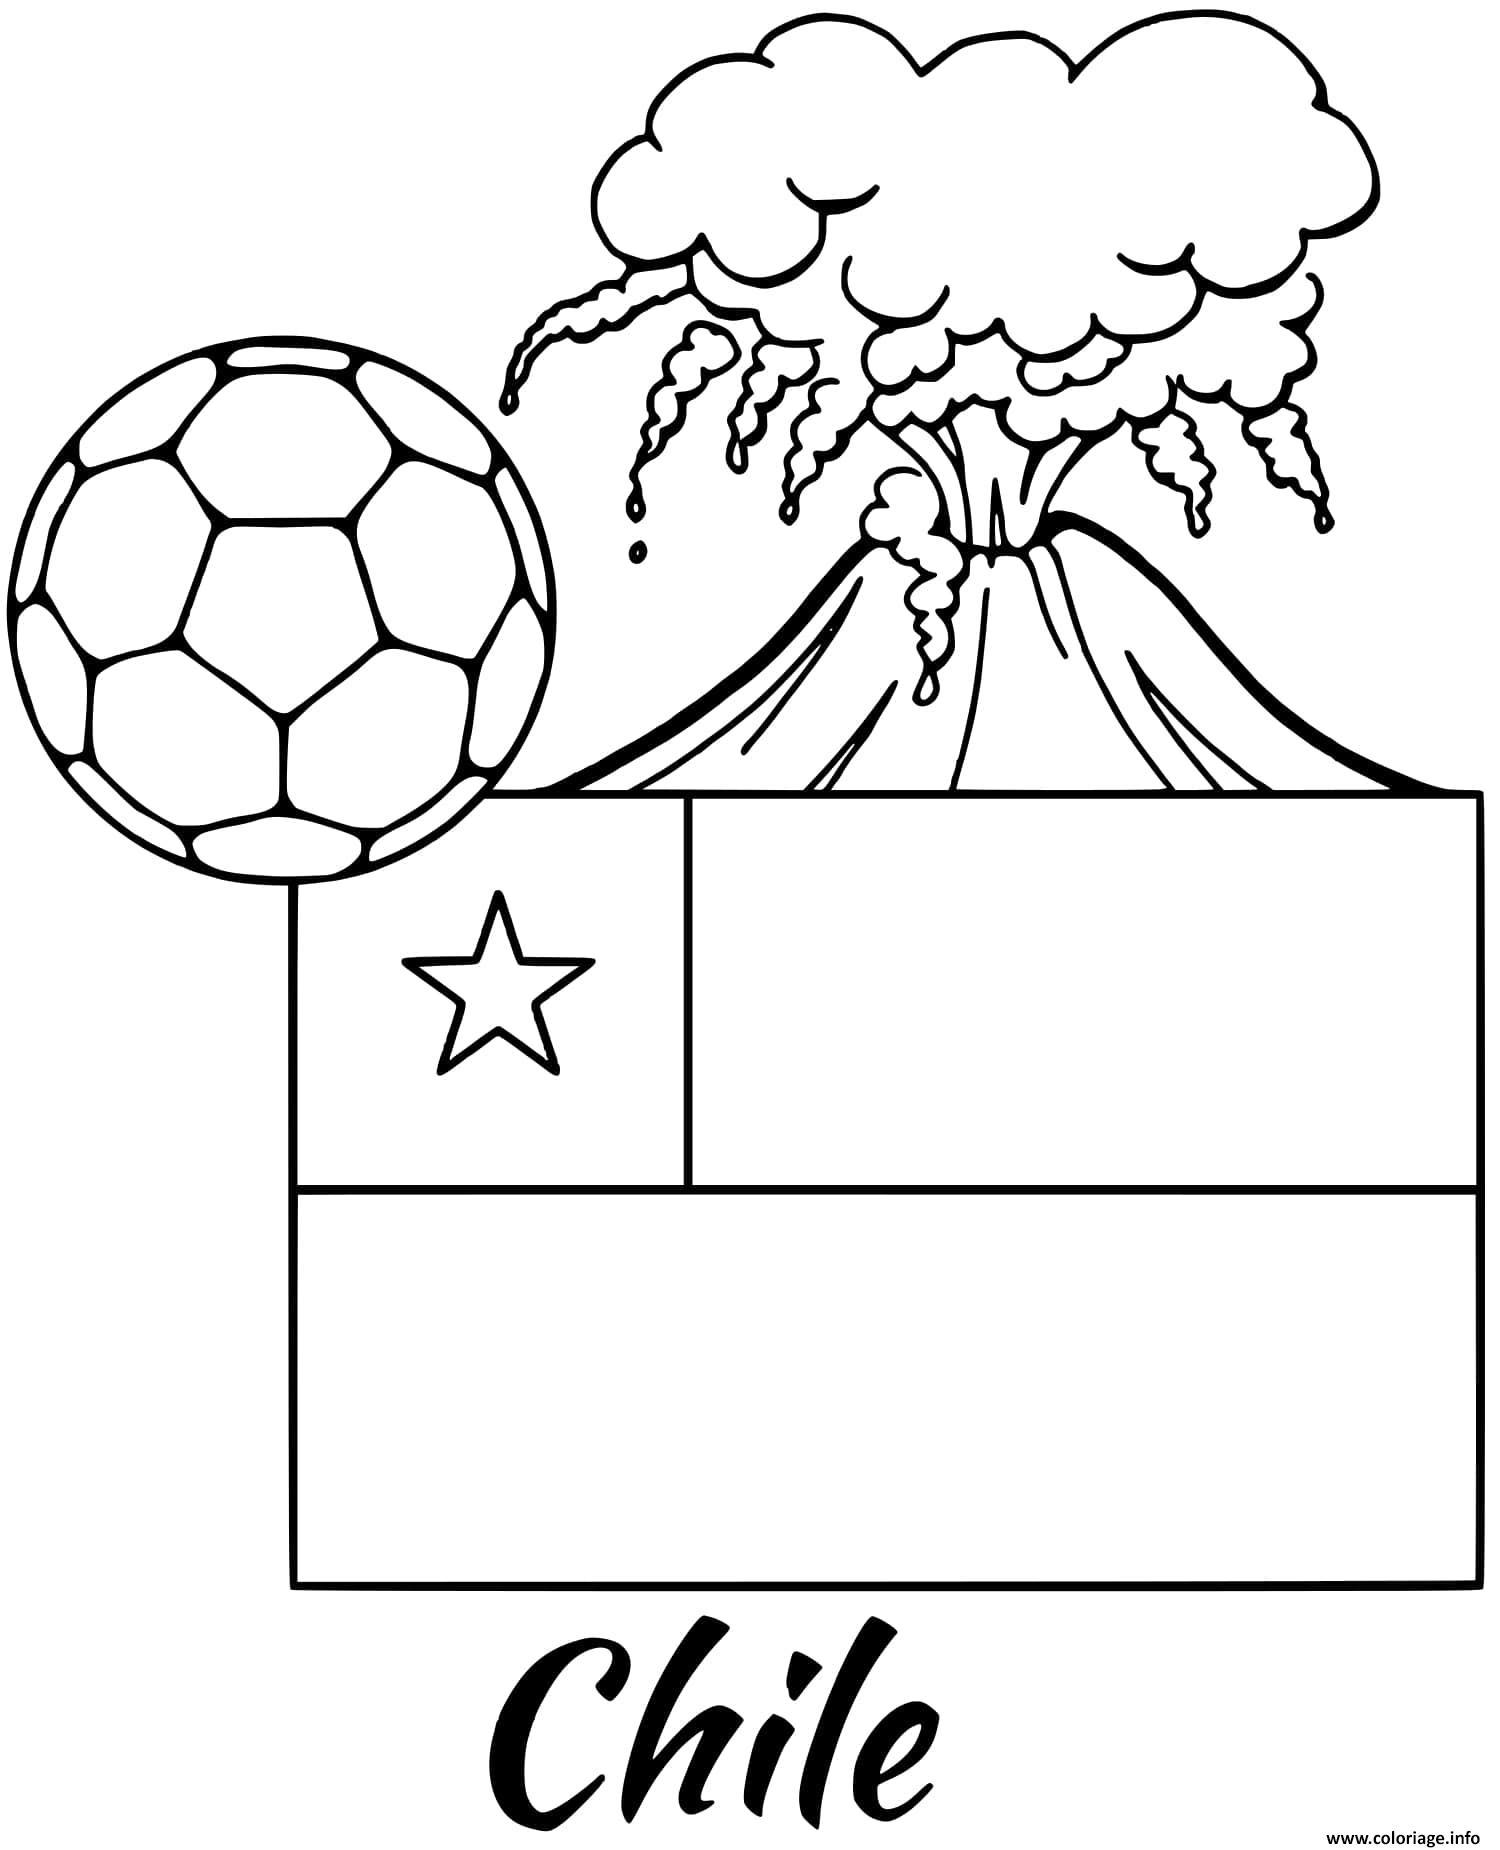 Dessin chile drapeau volcano Coloriage Gratuit à Imprimer